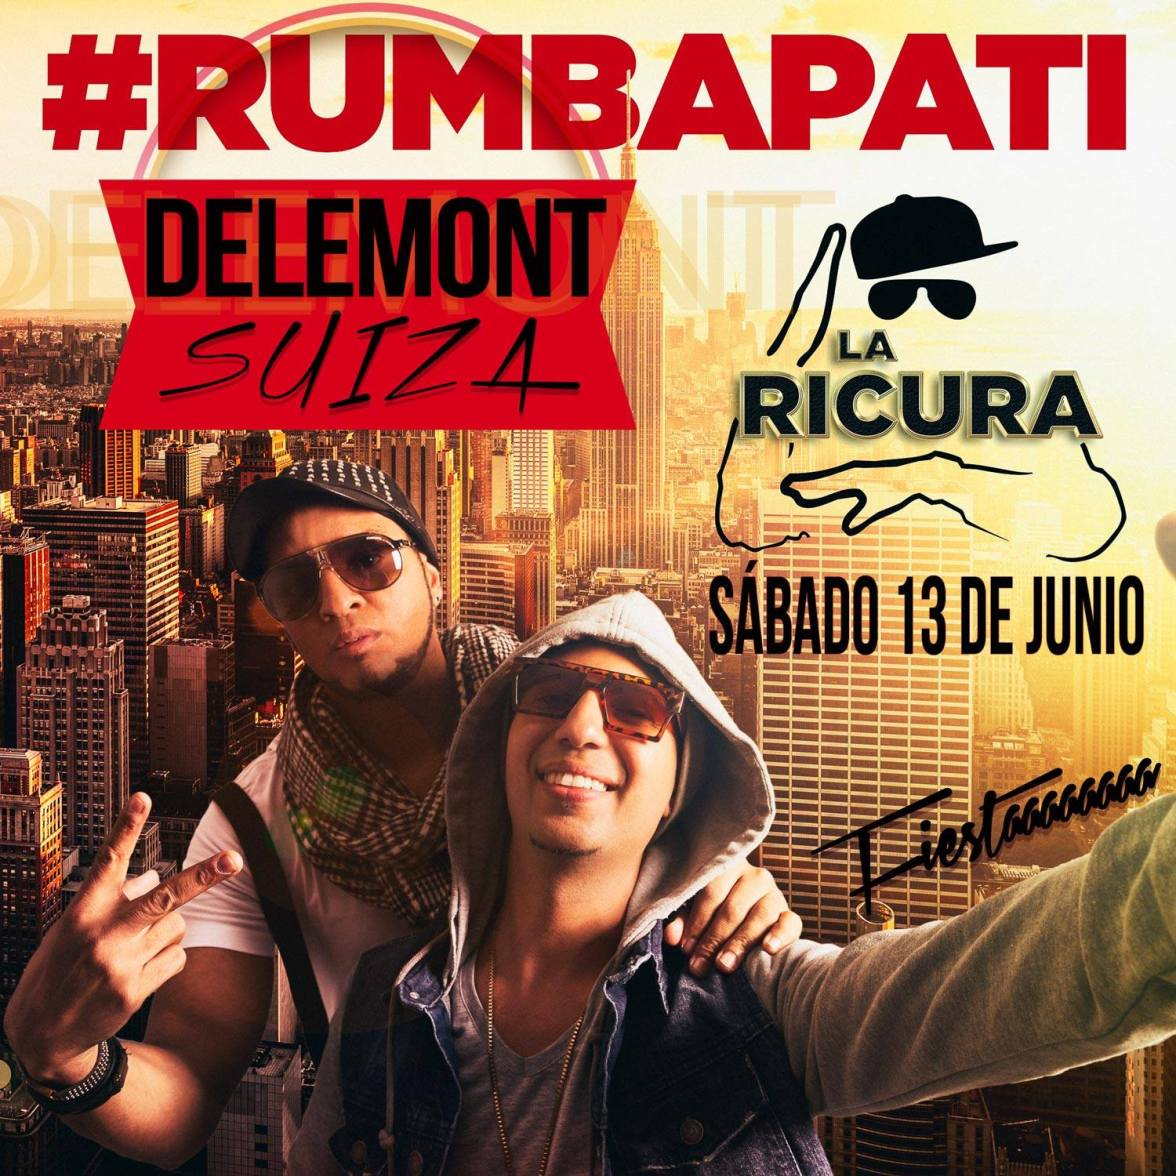 13 de junio - La Ricura en Delemont